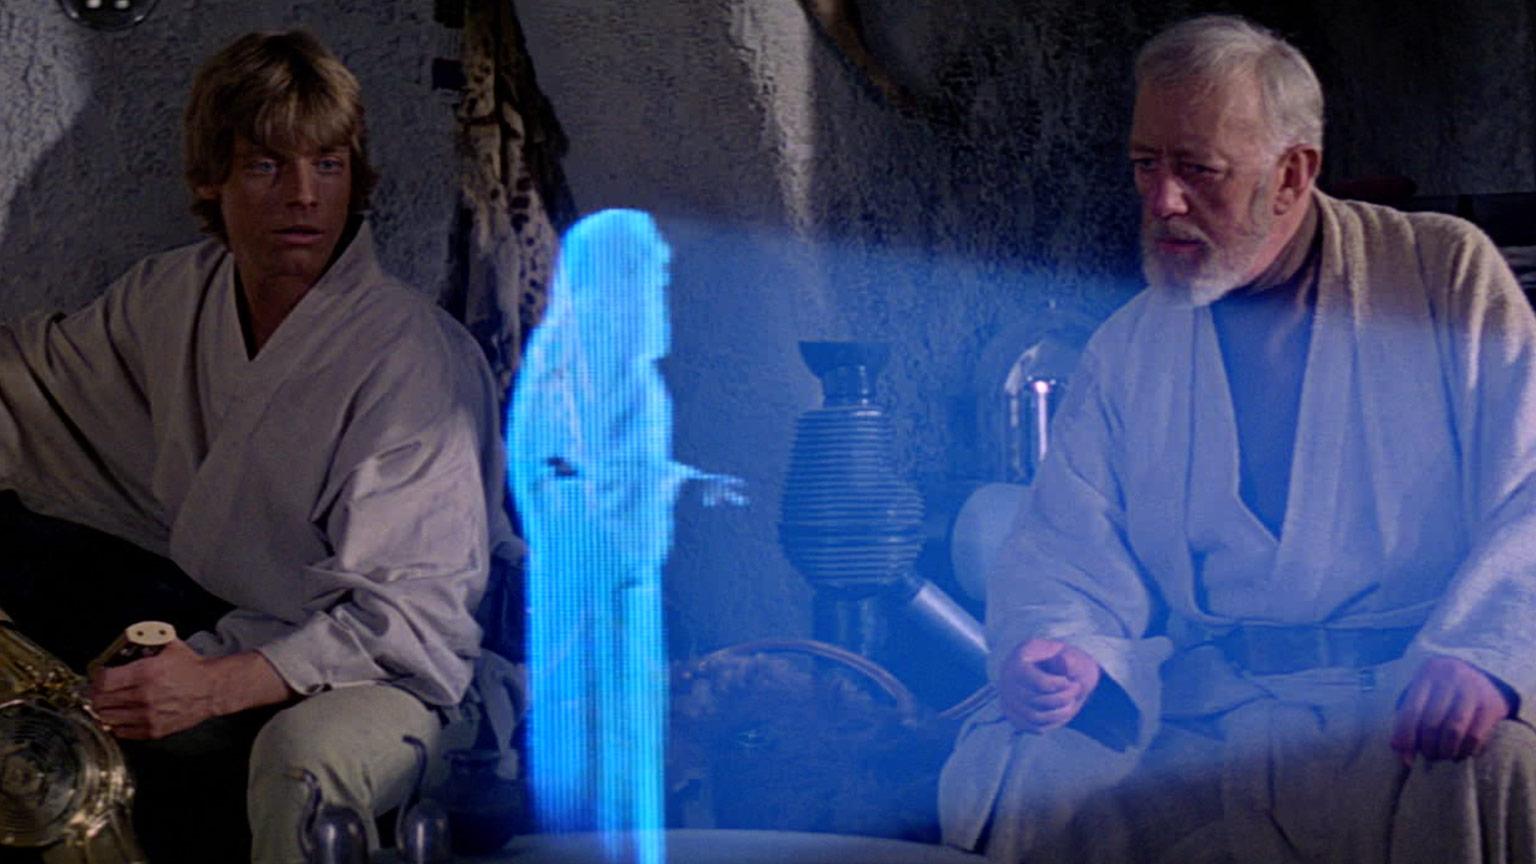 star-wars-a-new-hope-luke-obi-wan-leia-hologram-tall.jpg